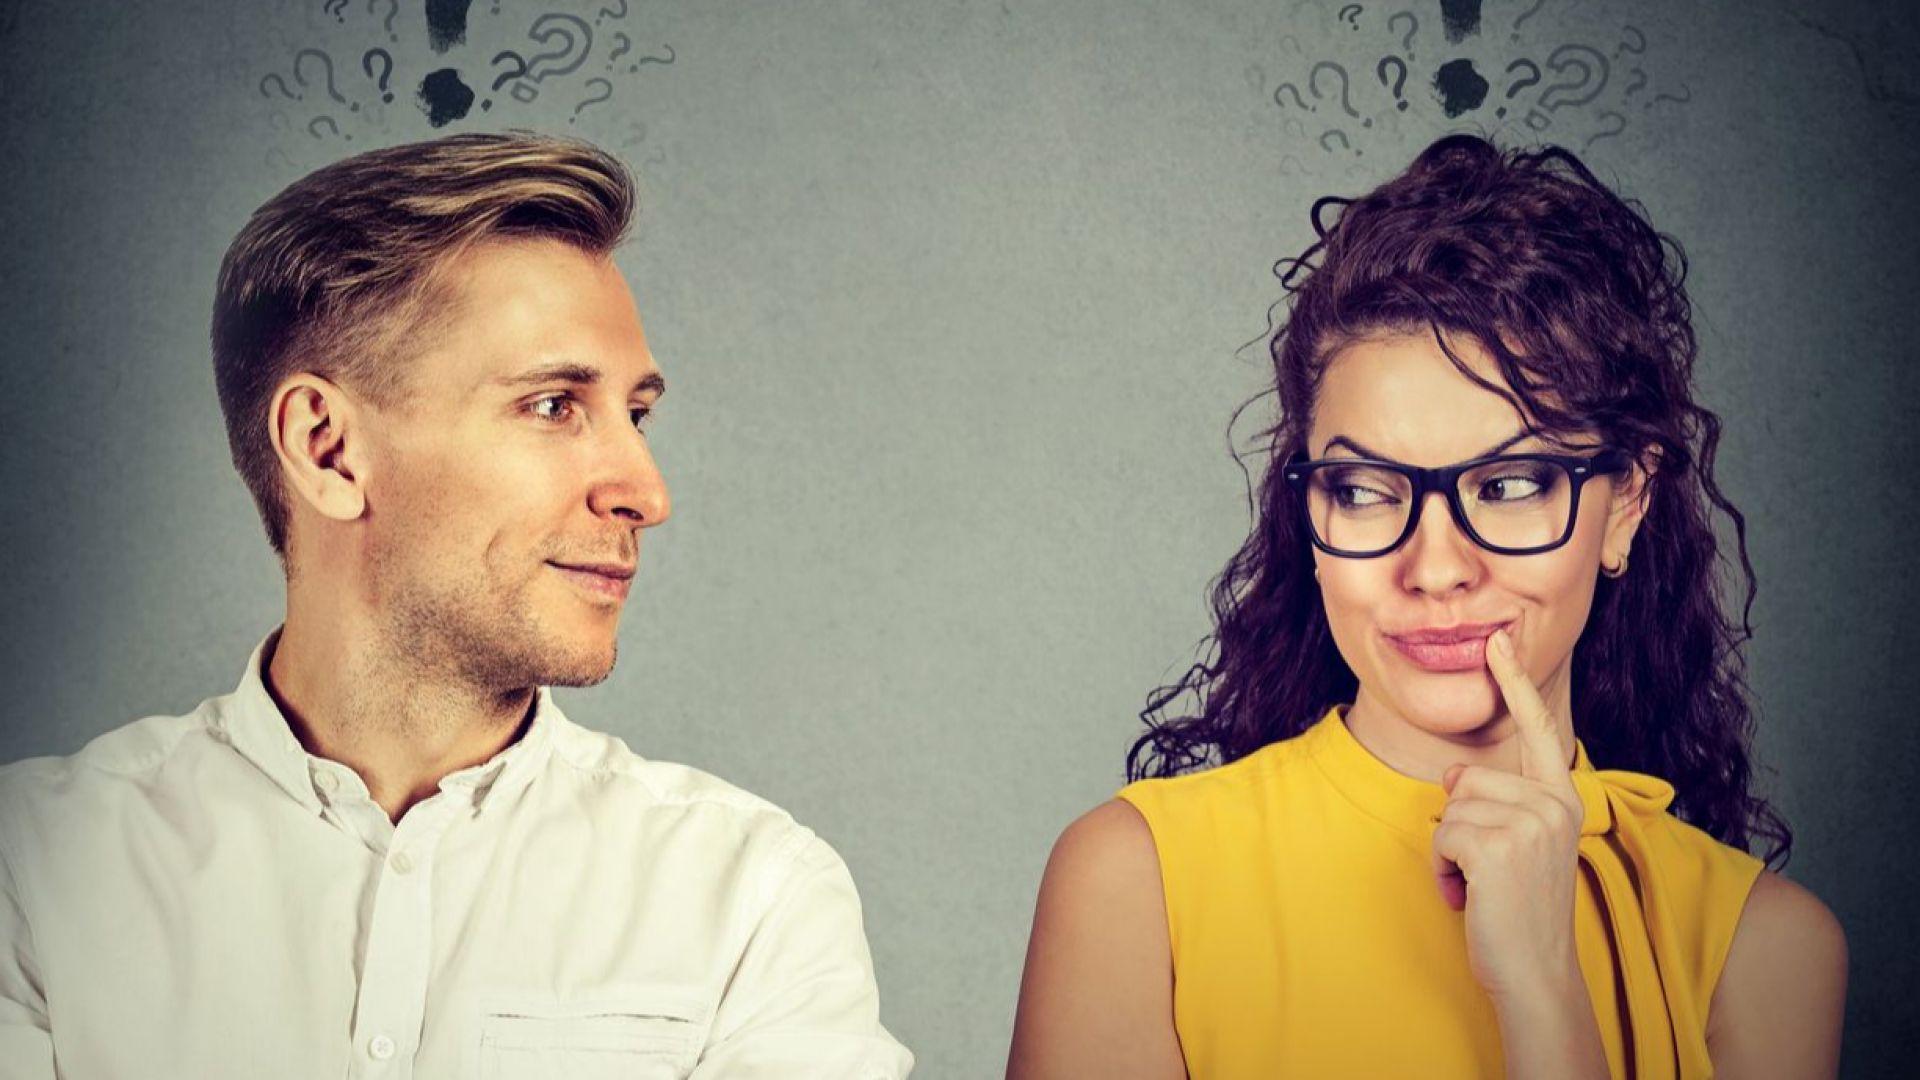 Жените по-лесно четат мисли от мъжете